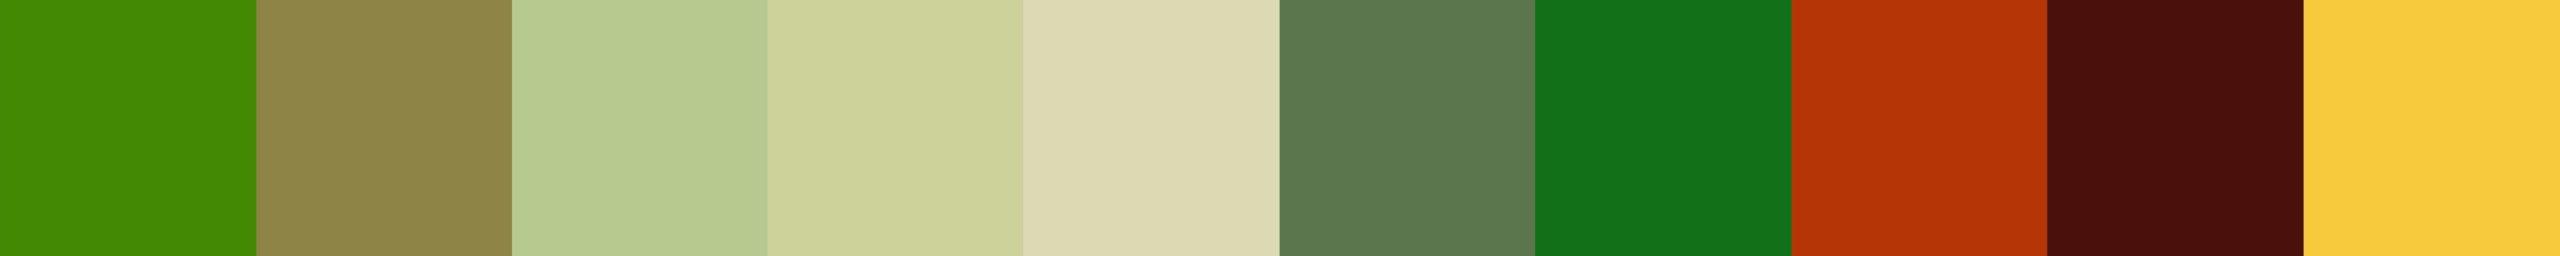 722 Trepanoxia Color Palette